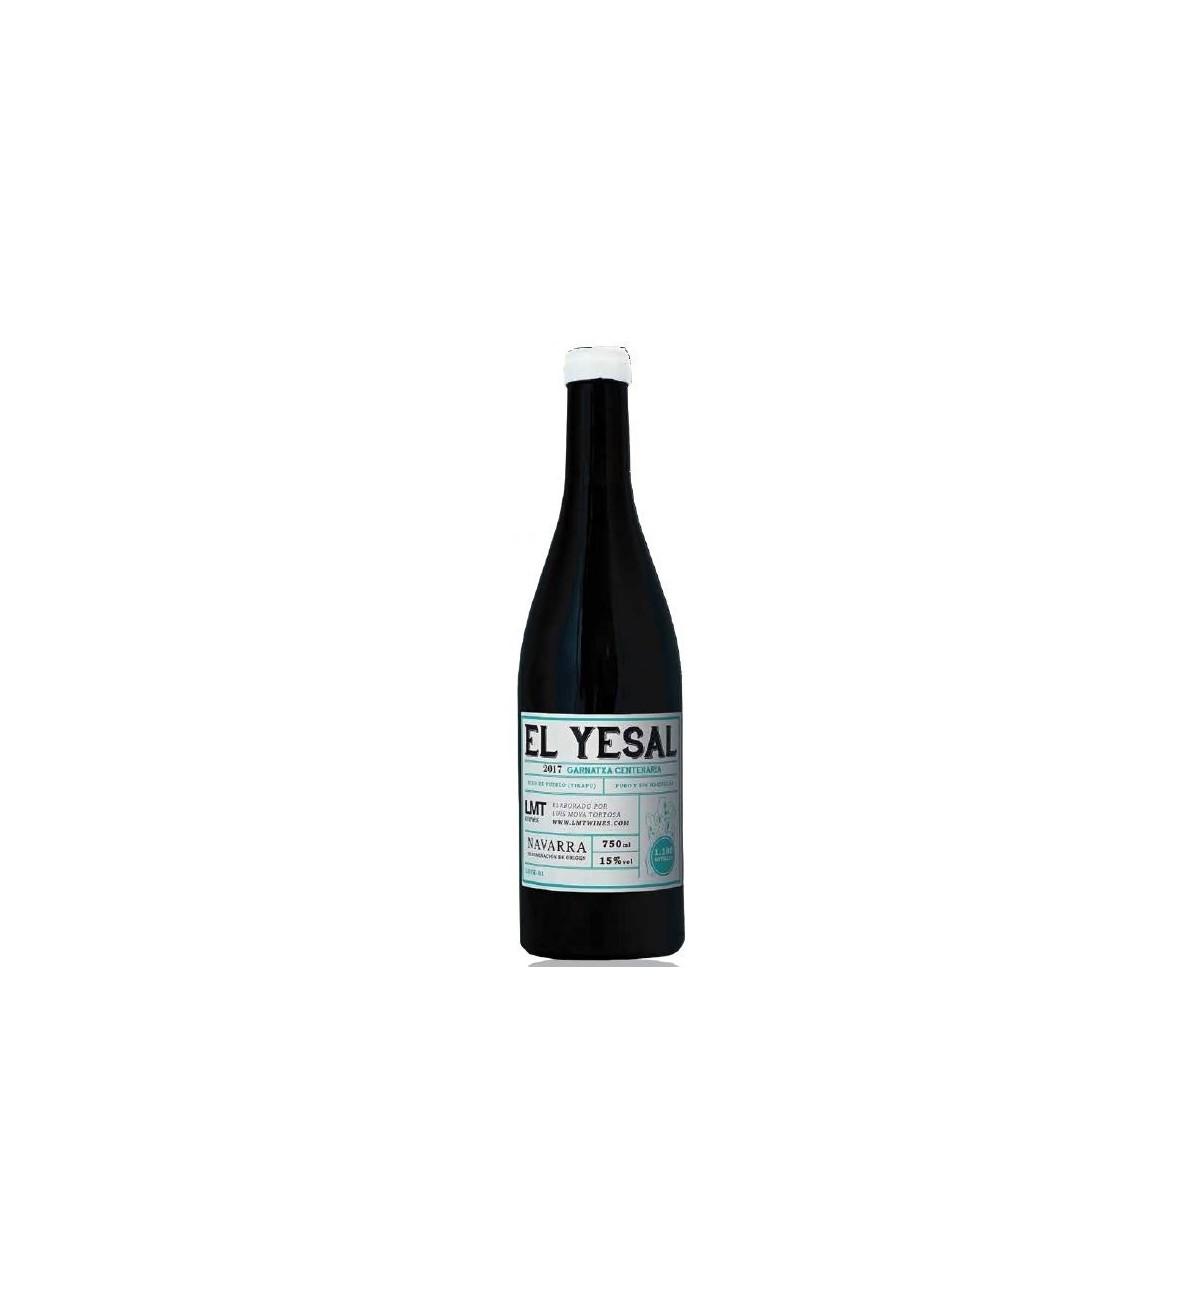 El Yesal 2017 - LMT wines - Garnatxa, viñas viejas, Navarra